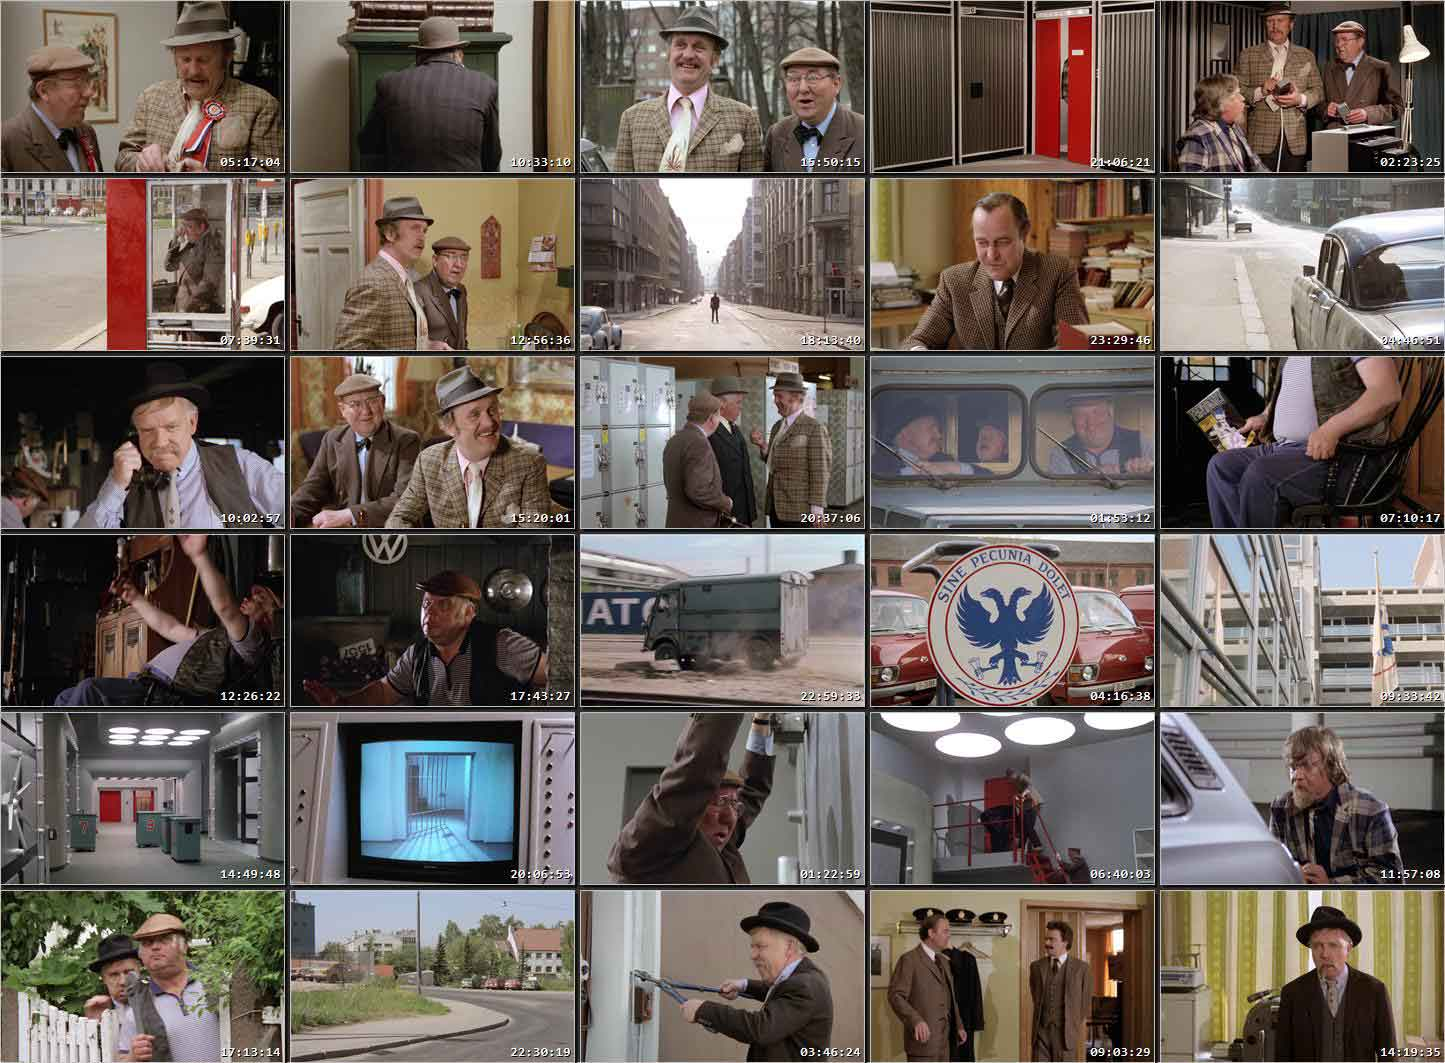 Olsenbanden og Data-Harry sprenger verdensbanken (1978)